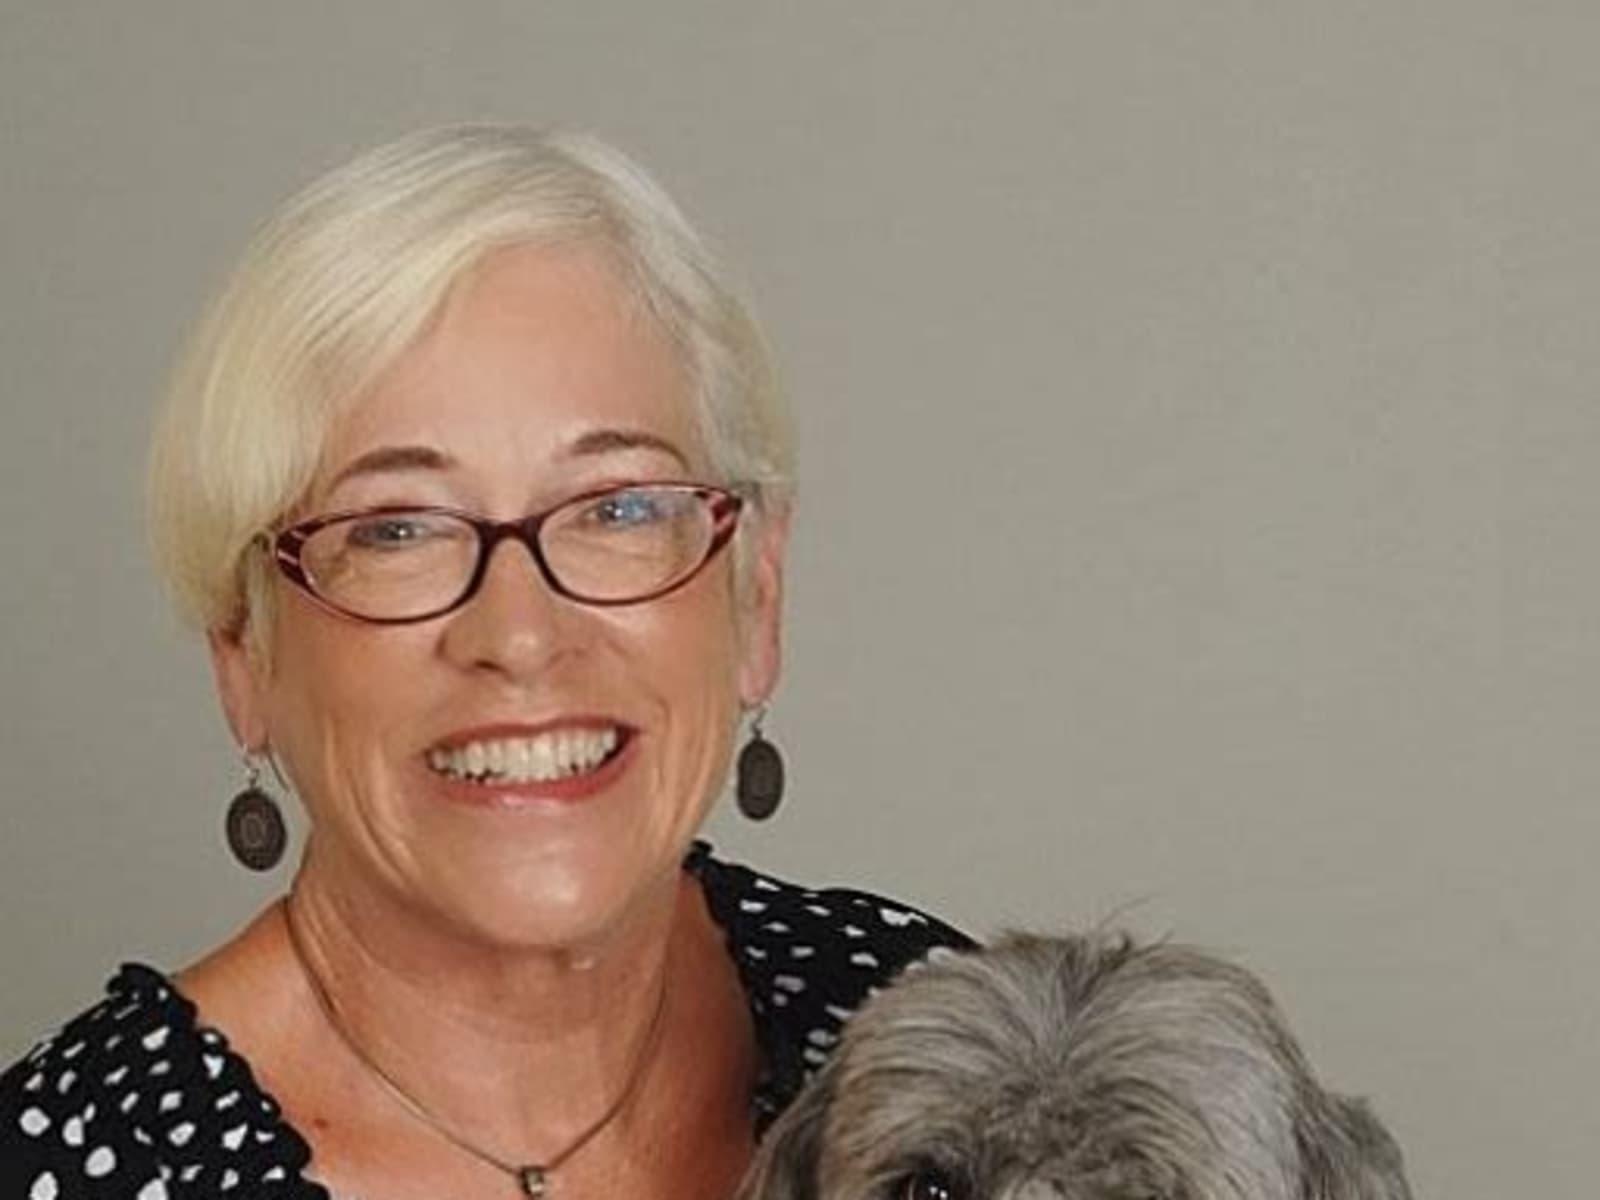 Alison from Stuart, Florida, United States